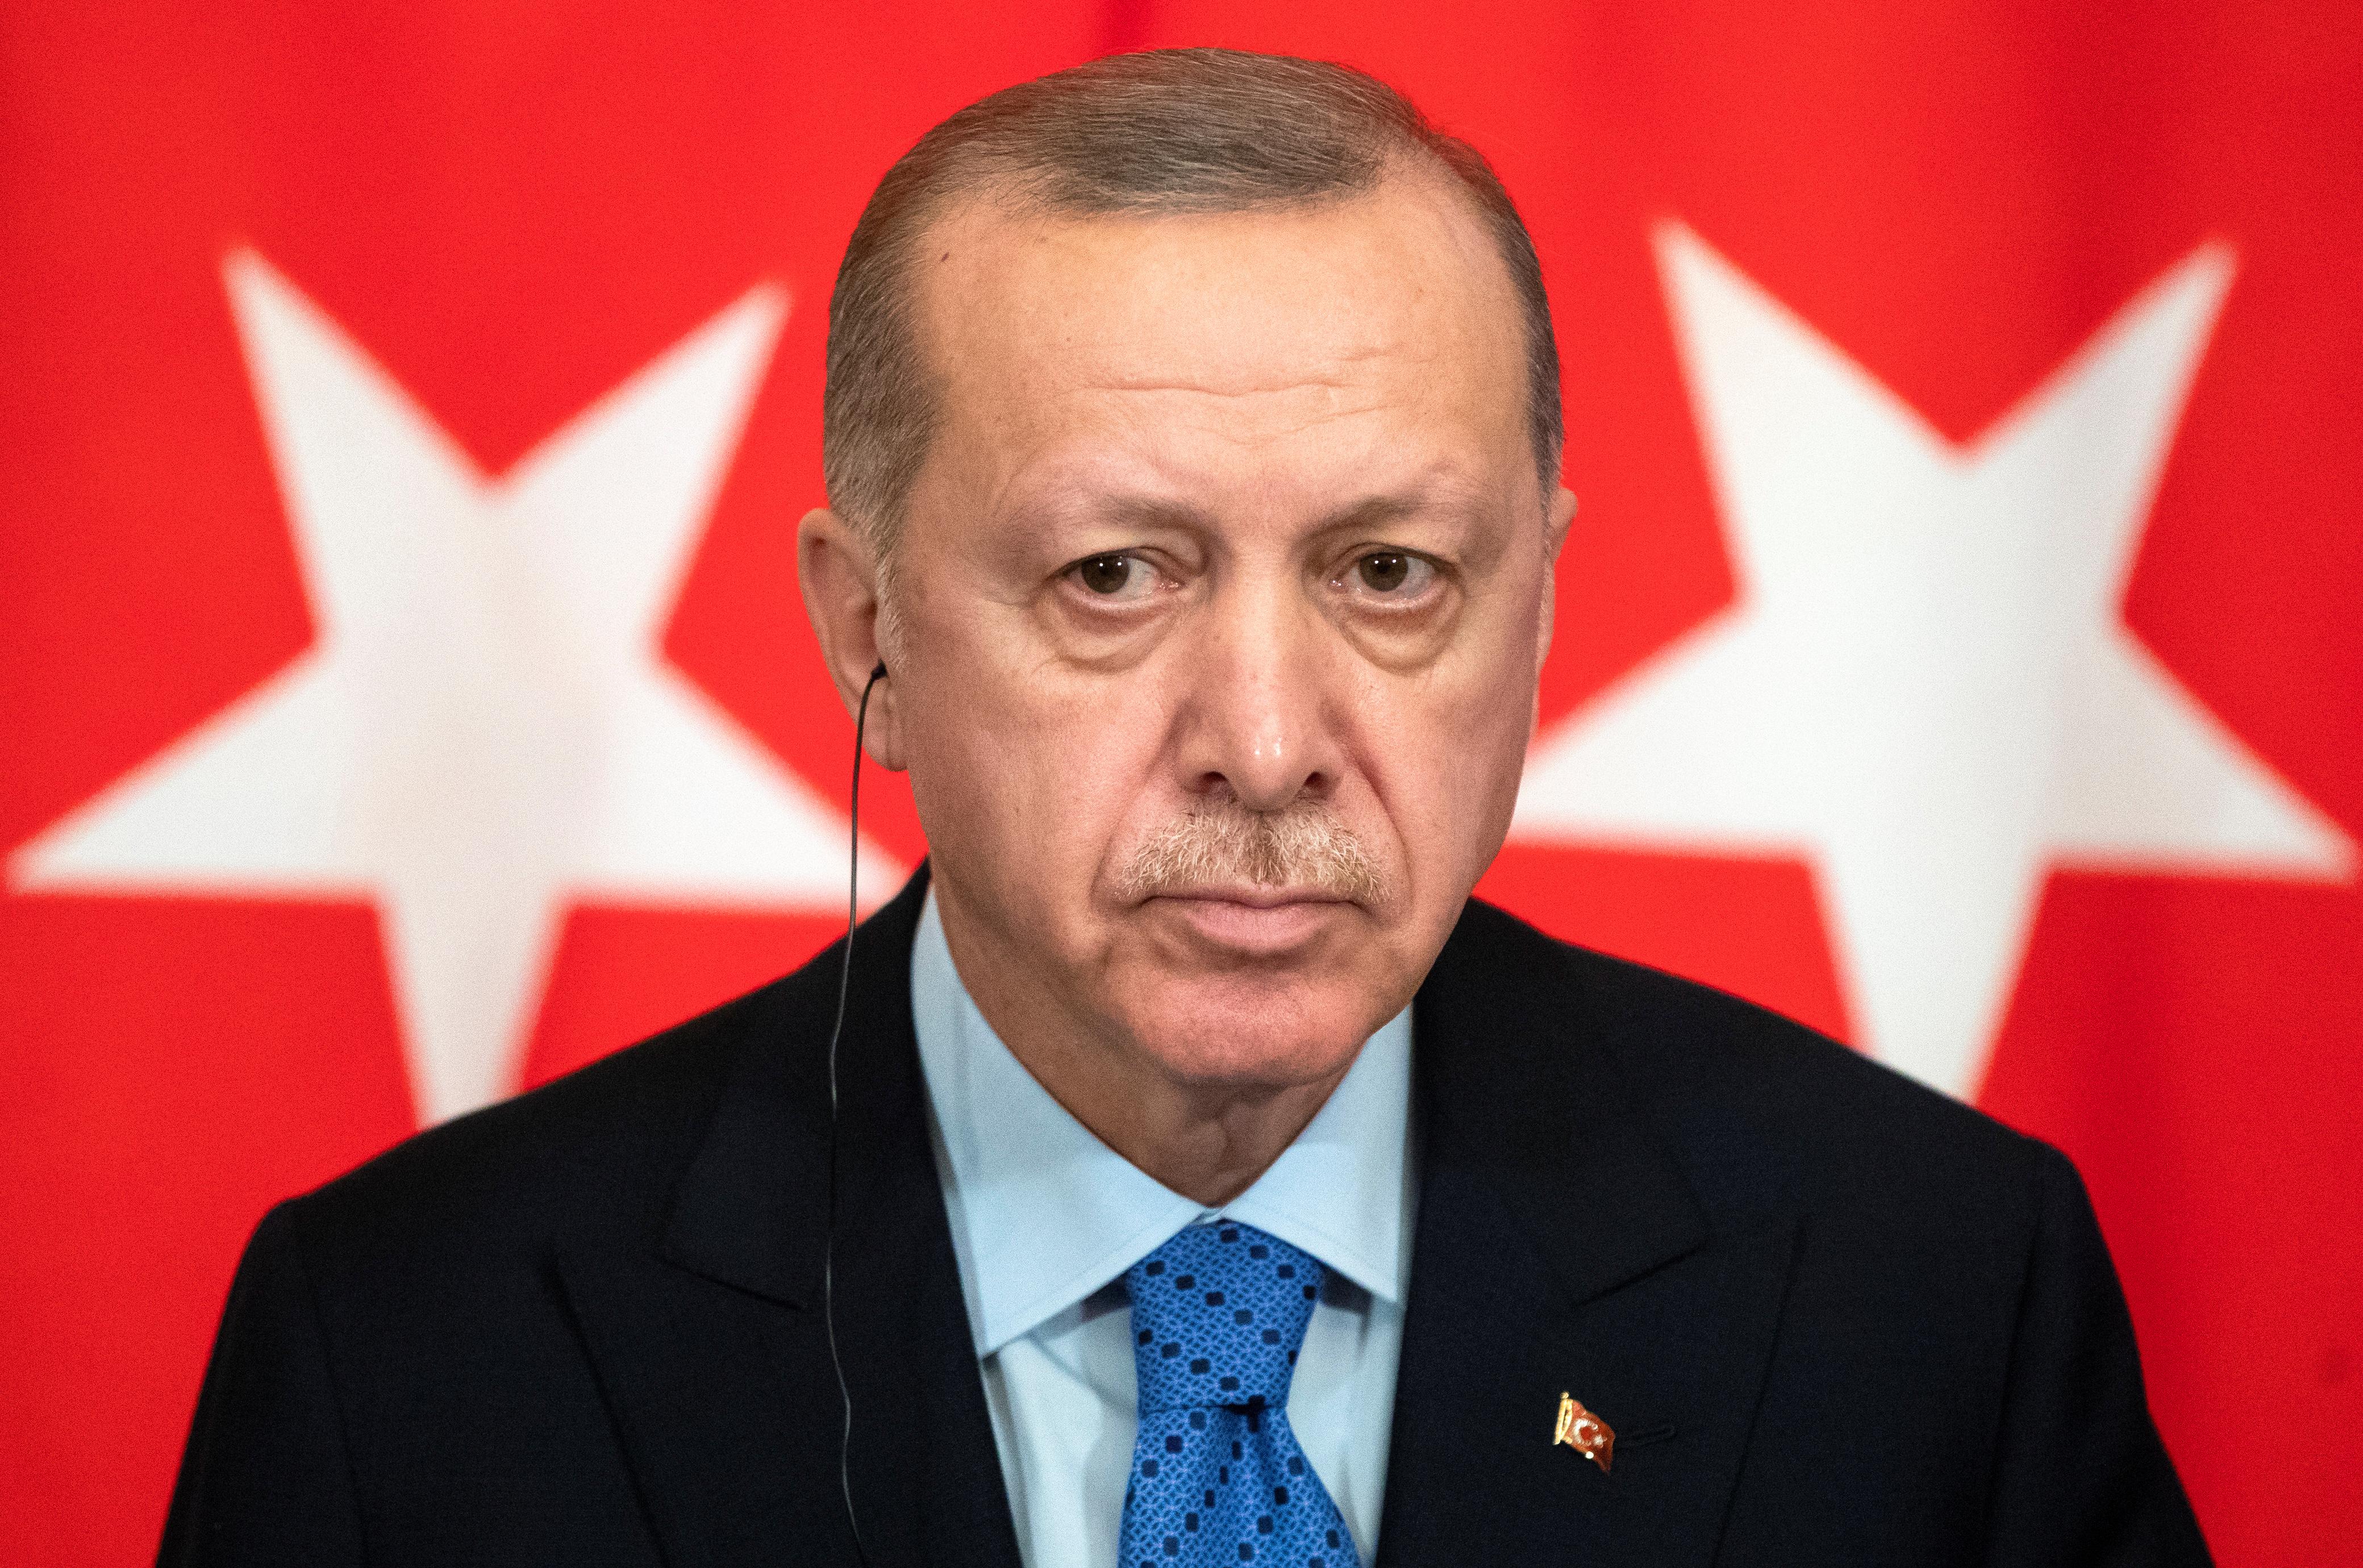 La solitude de Macron face au « jeu dangereux » de la Turquie et de l'OTAN